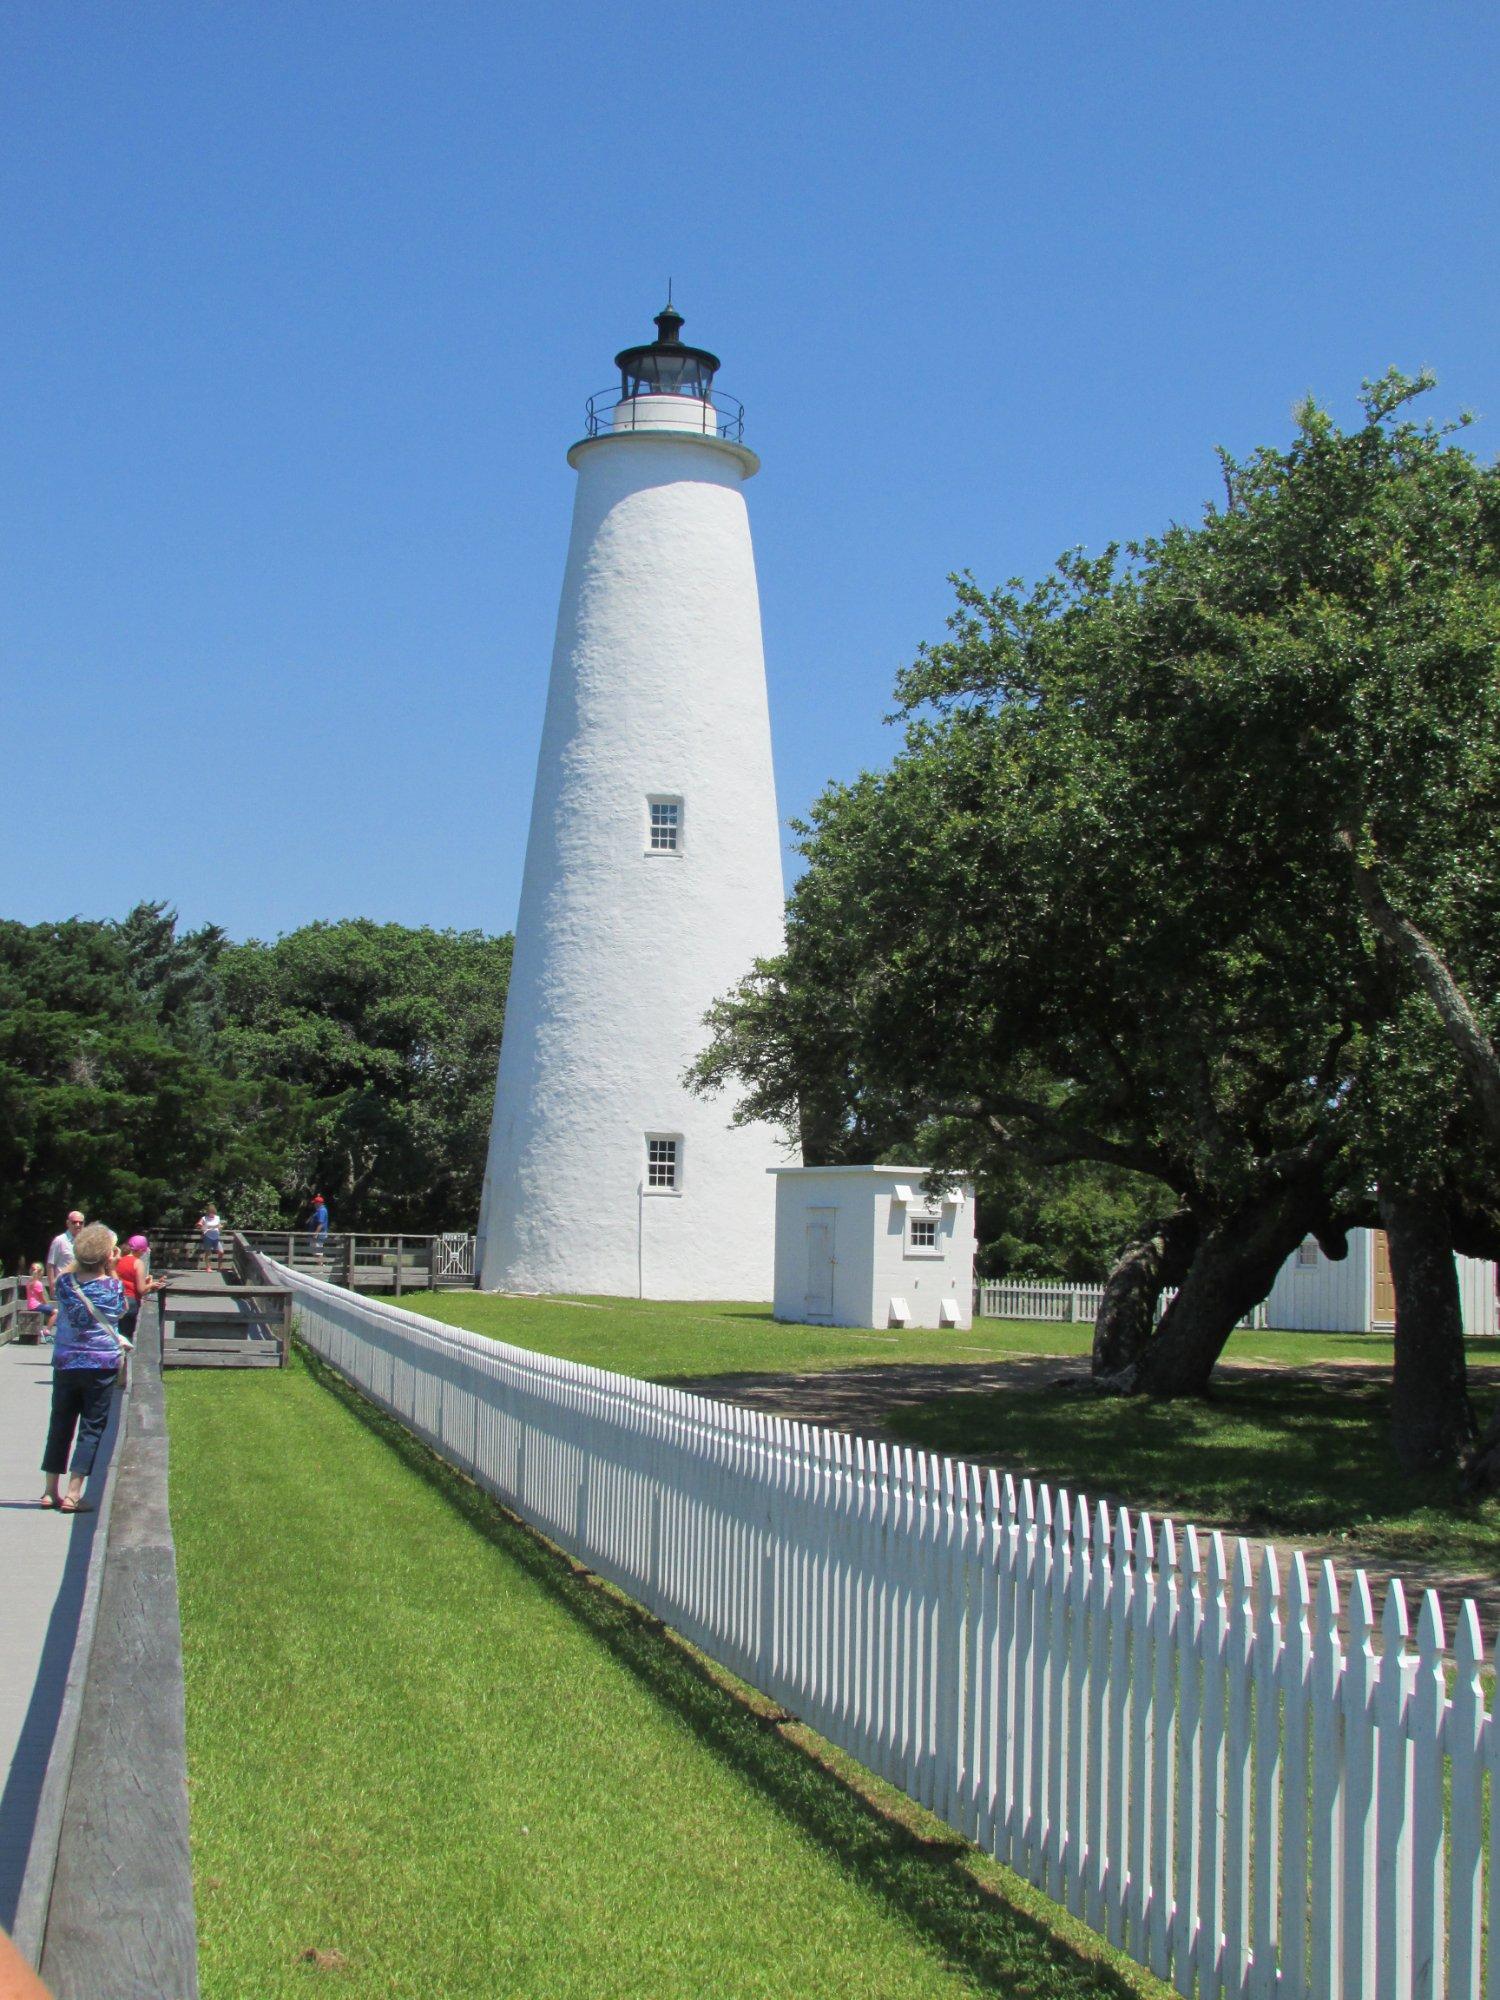 Ocracoke Lighthouse - 6/20/2016